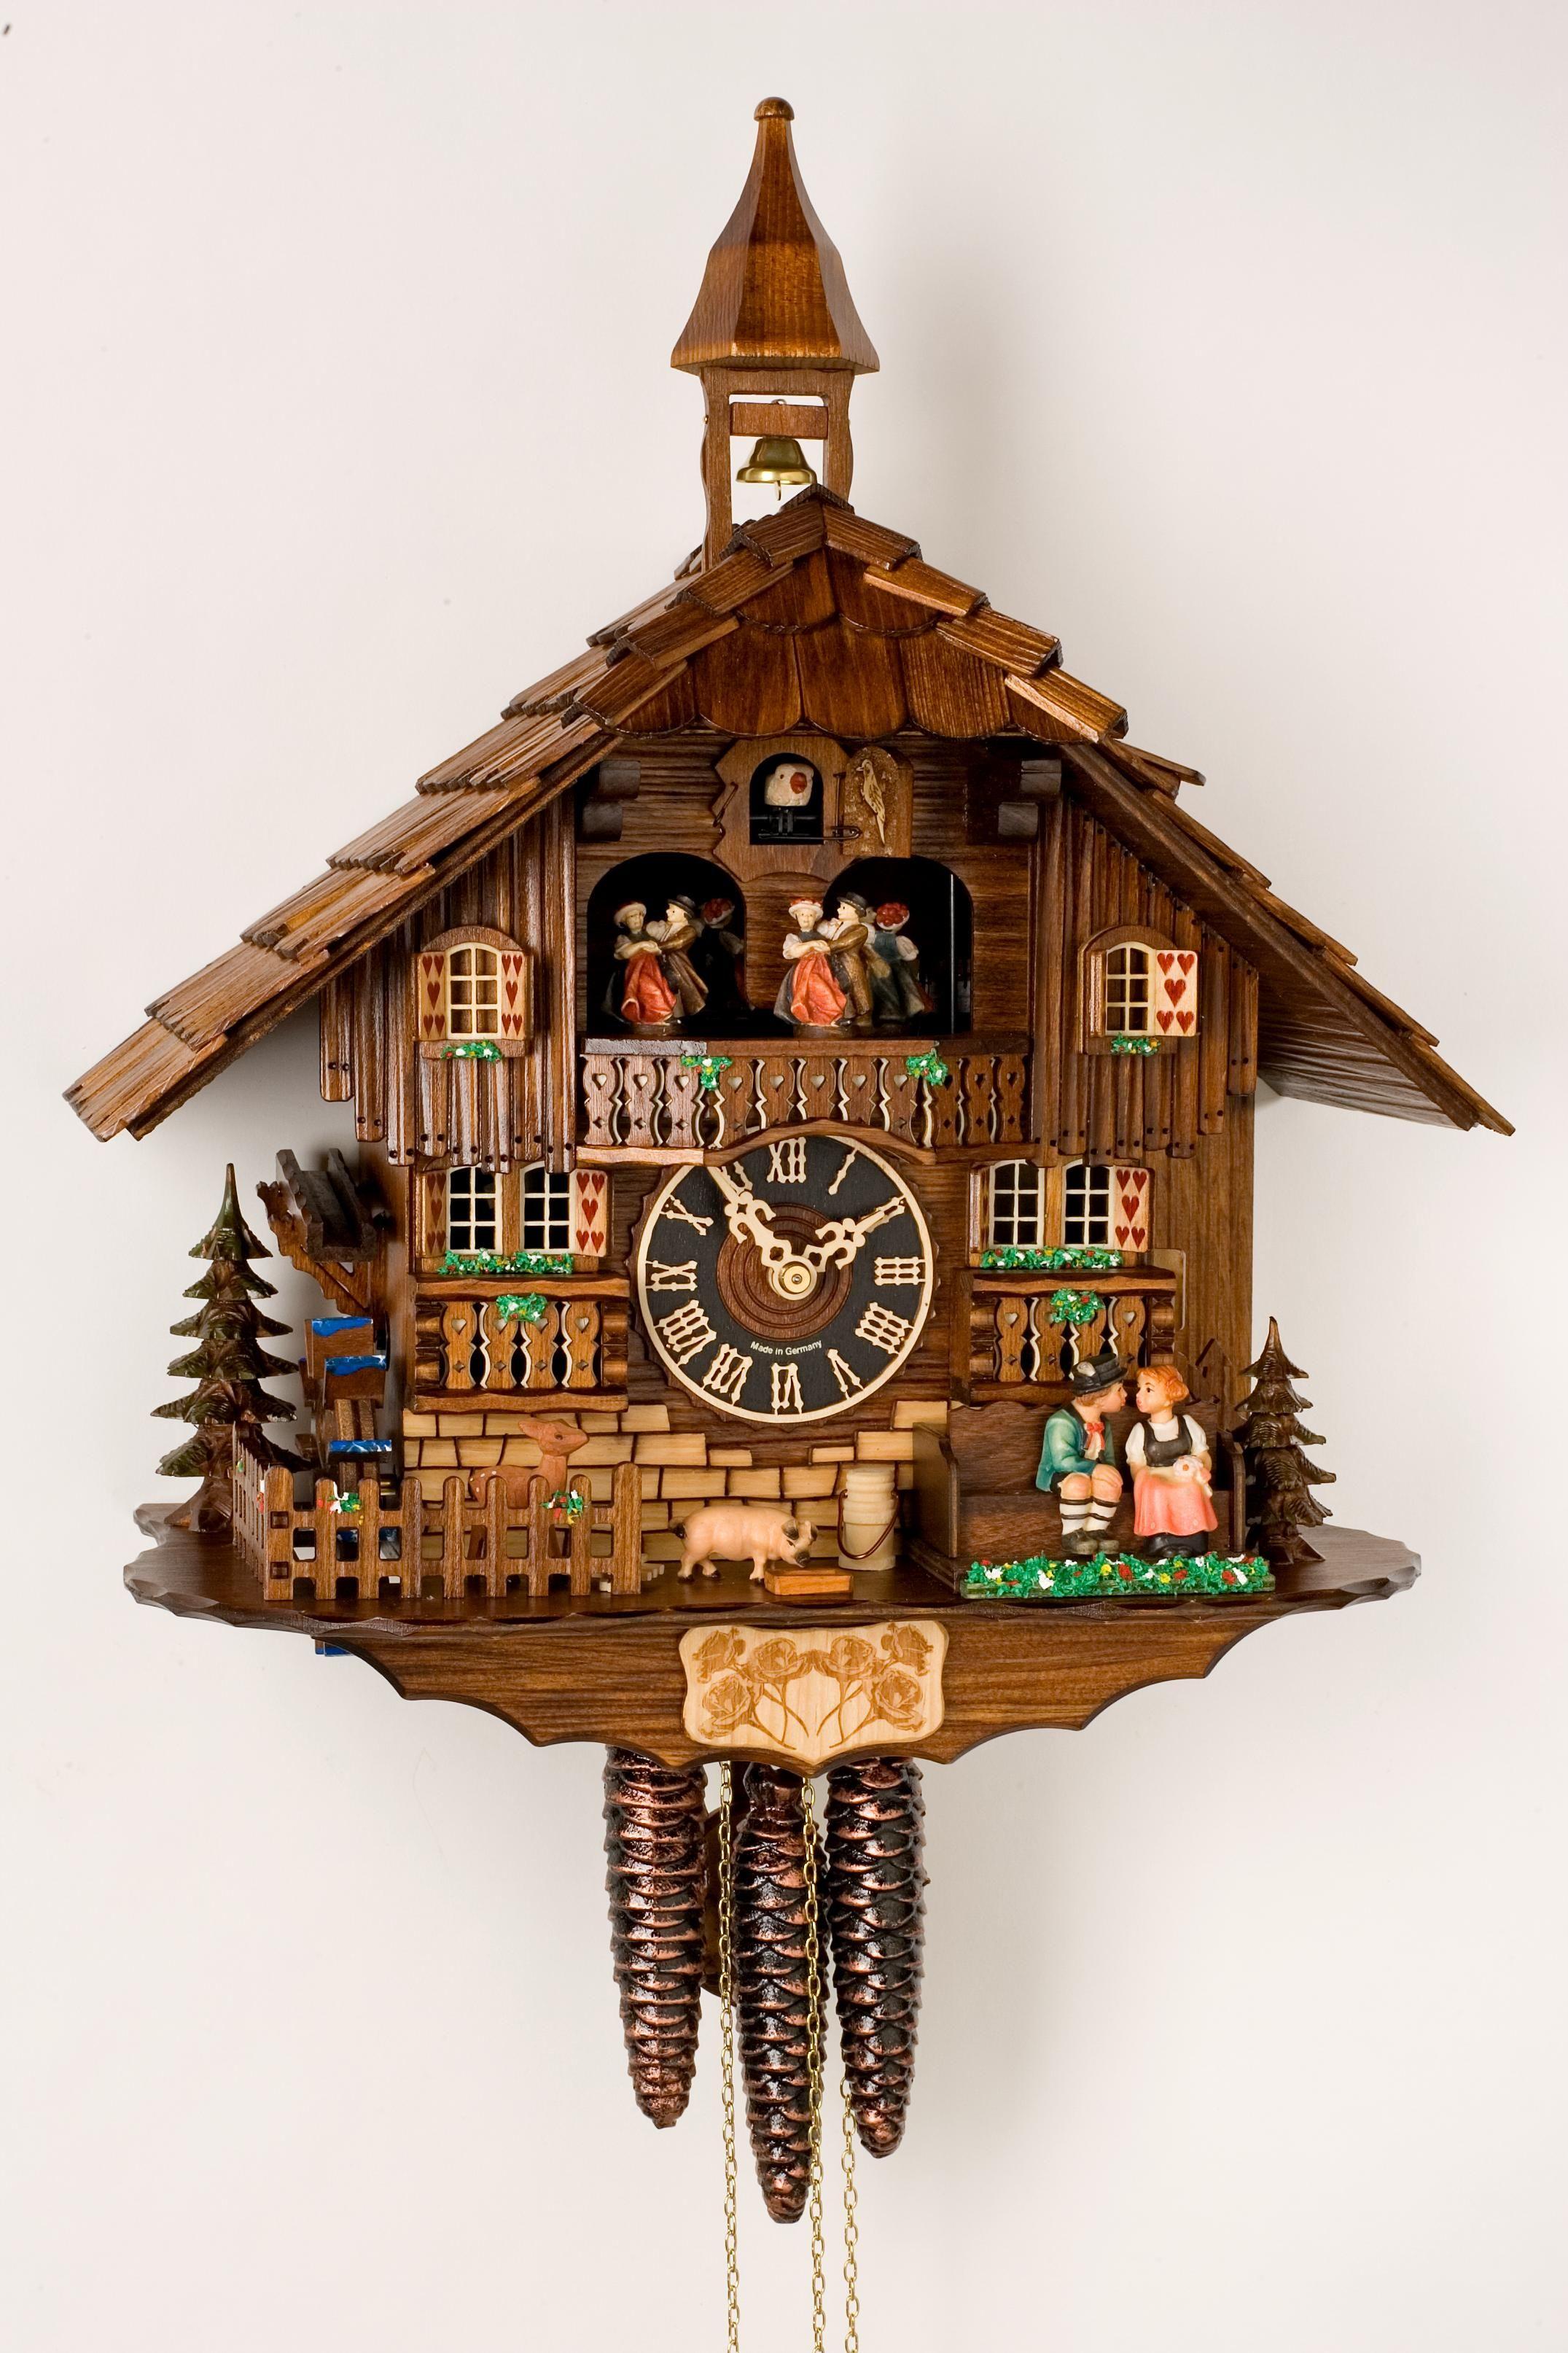 cuckoo clock clock Часы cuckoo clocks clocks  cuckoo clock